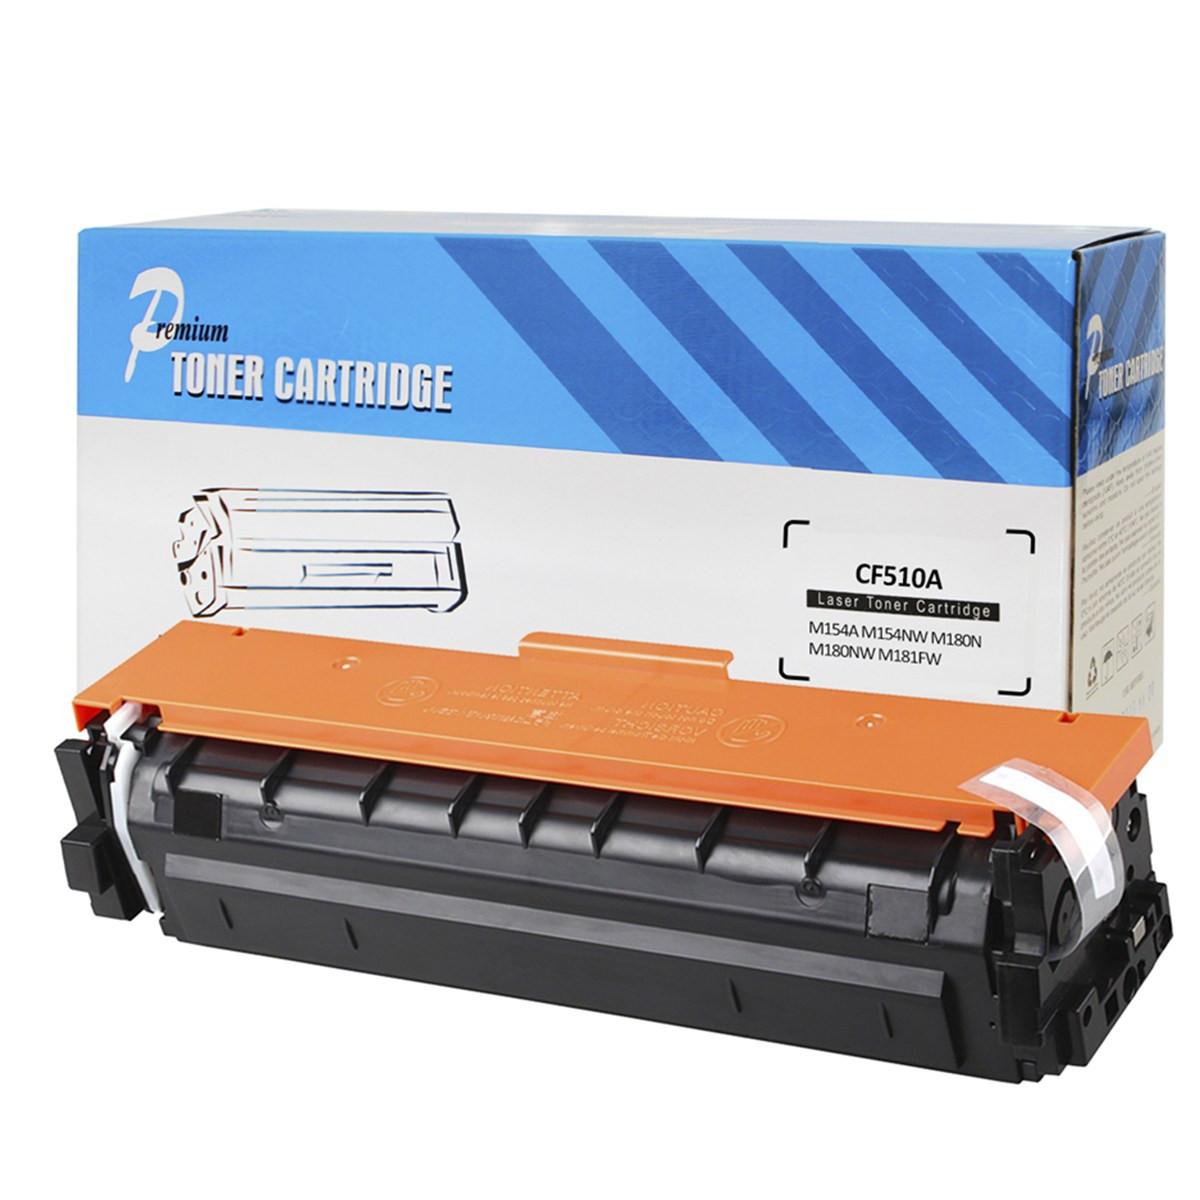 Toner Compatível com HP CF510A CF530A Preto | M154 M180 M181 154A 154NW 180N 180NW 181FW | Premium